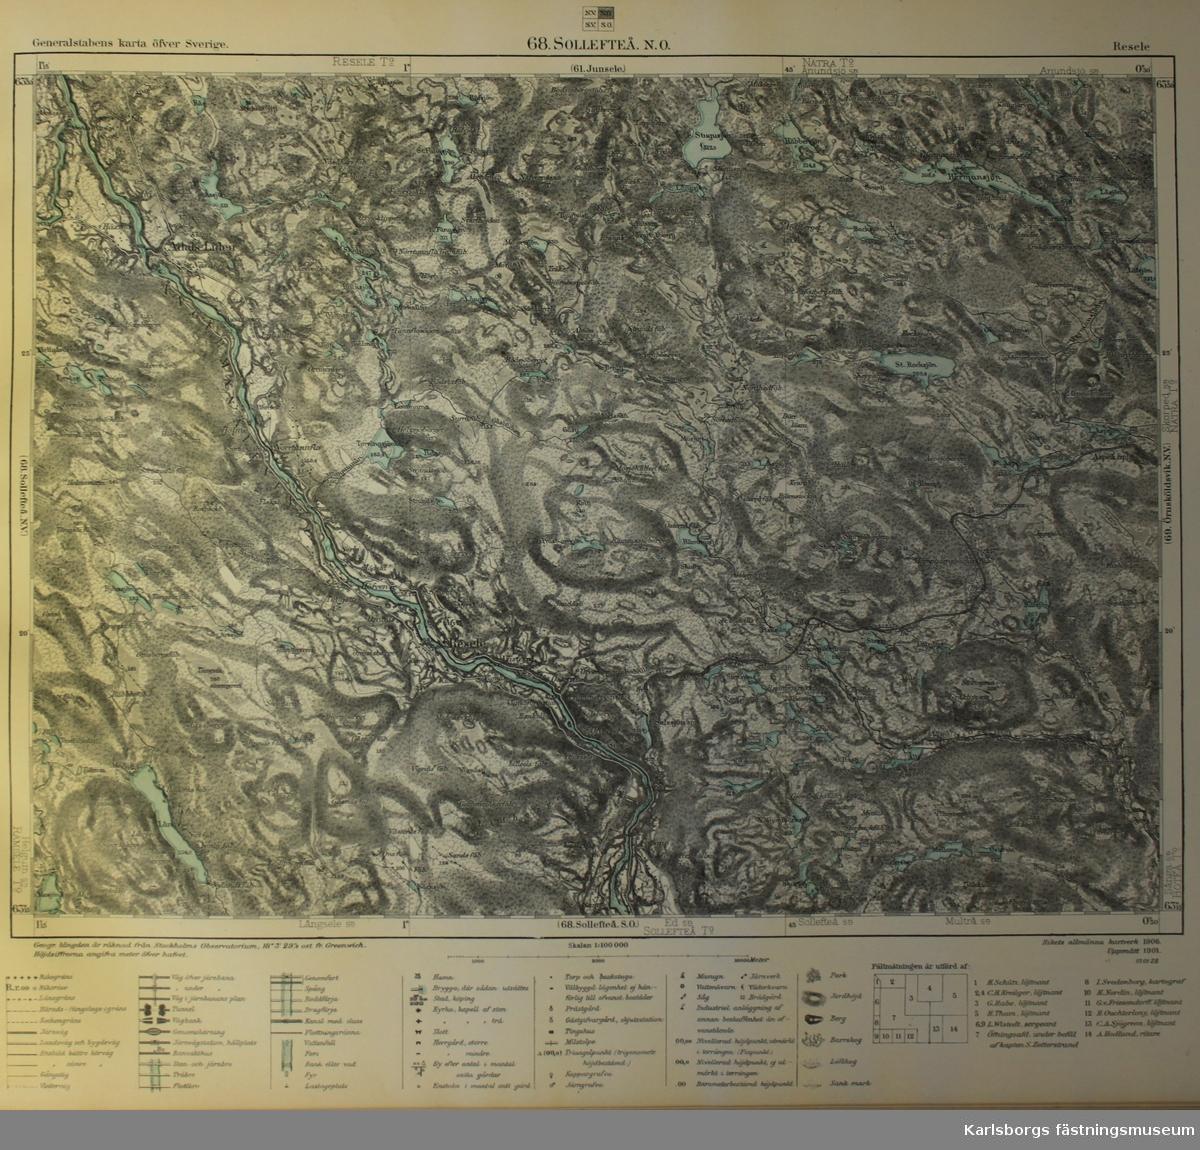 Junsele Karta Sverige.Karta Karlsborgs Fastningsmuseum Digitaltmuseum